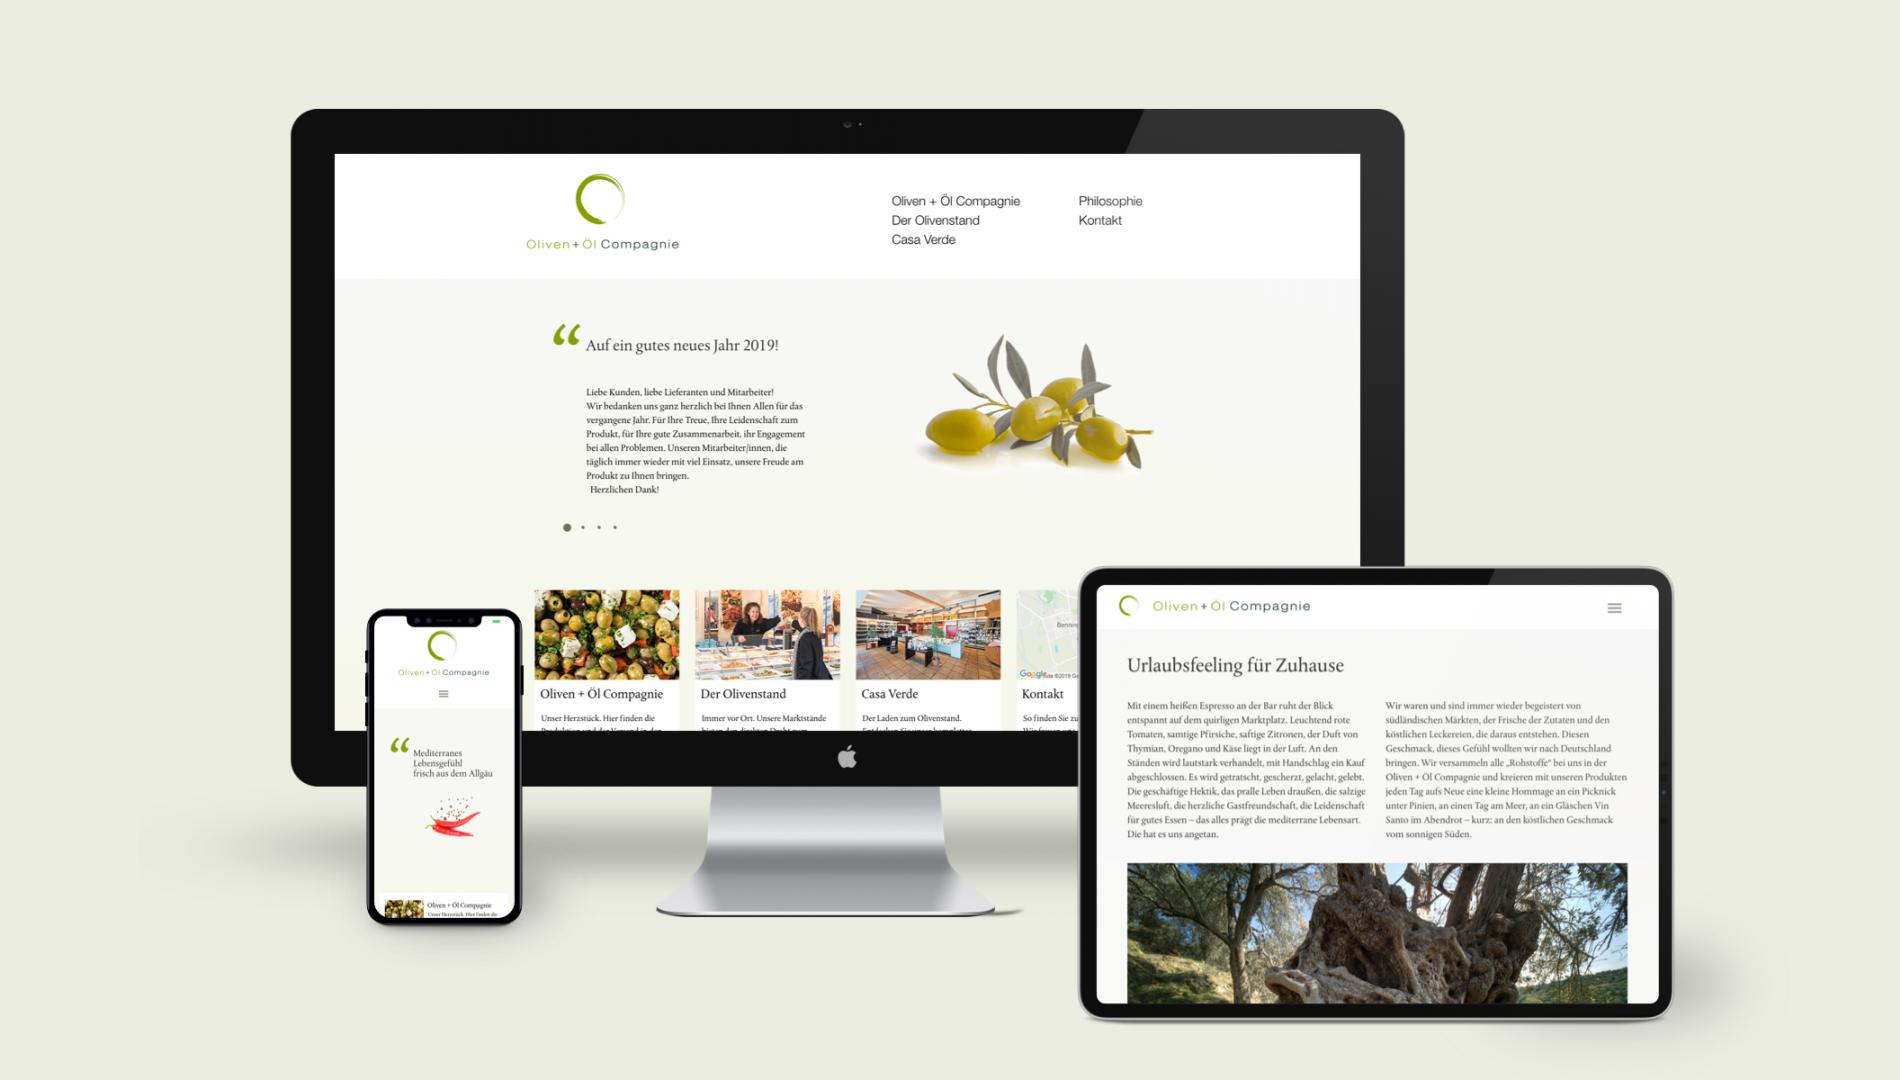 Responsiver Internetauftritt mit TYPO3 CMS und Coporate Design für die Oliven + Öl Compagnie aus Memmingen von der Designagentur das formt aus München